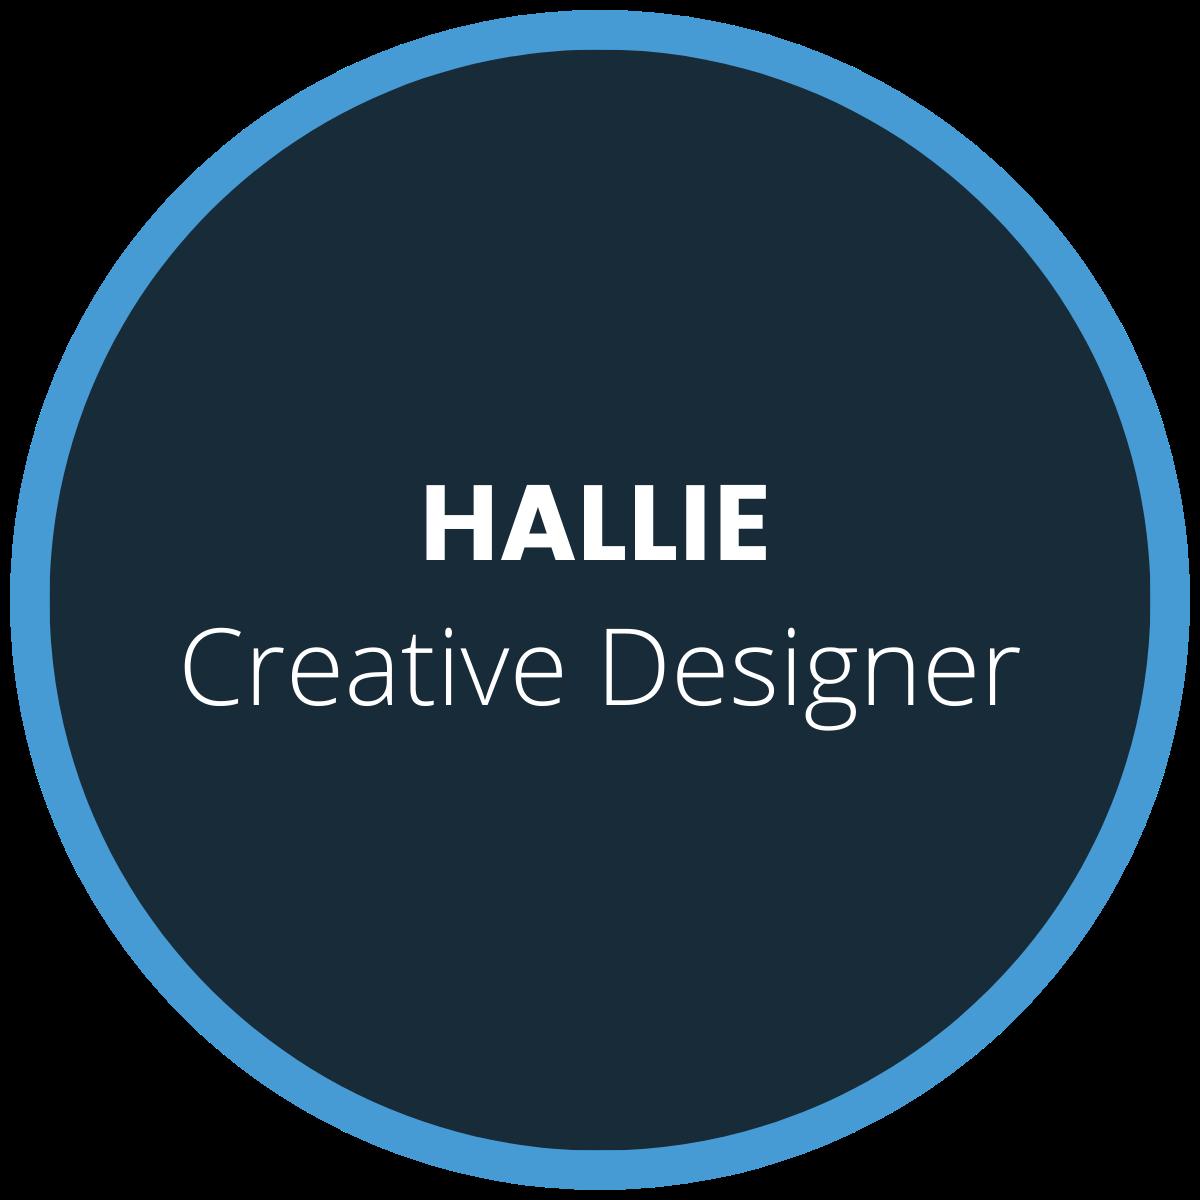 hallie-creative-designer